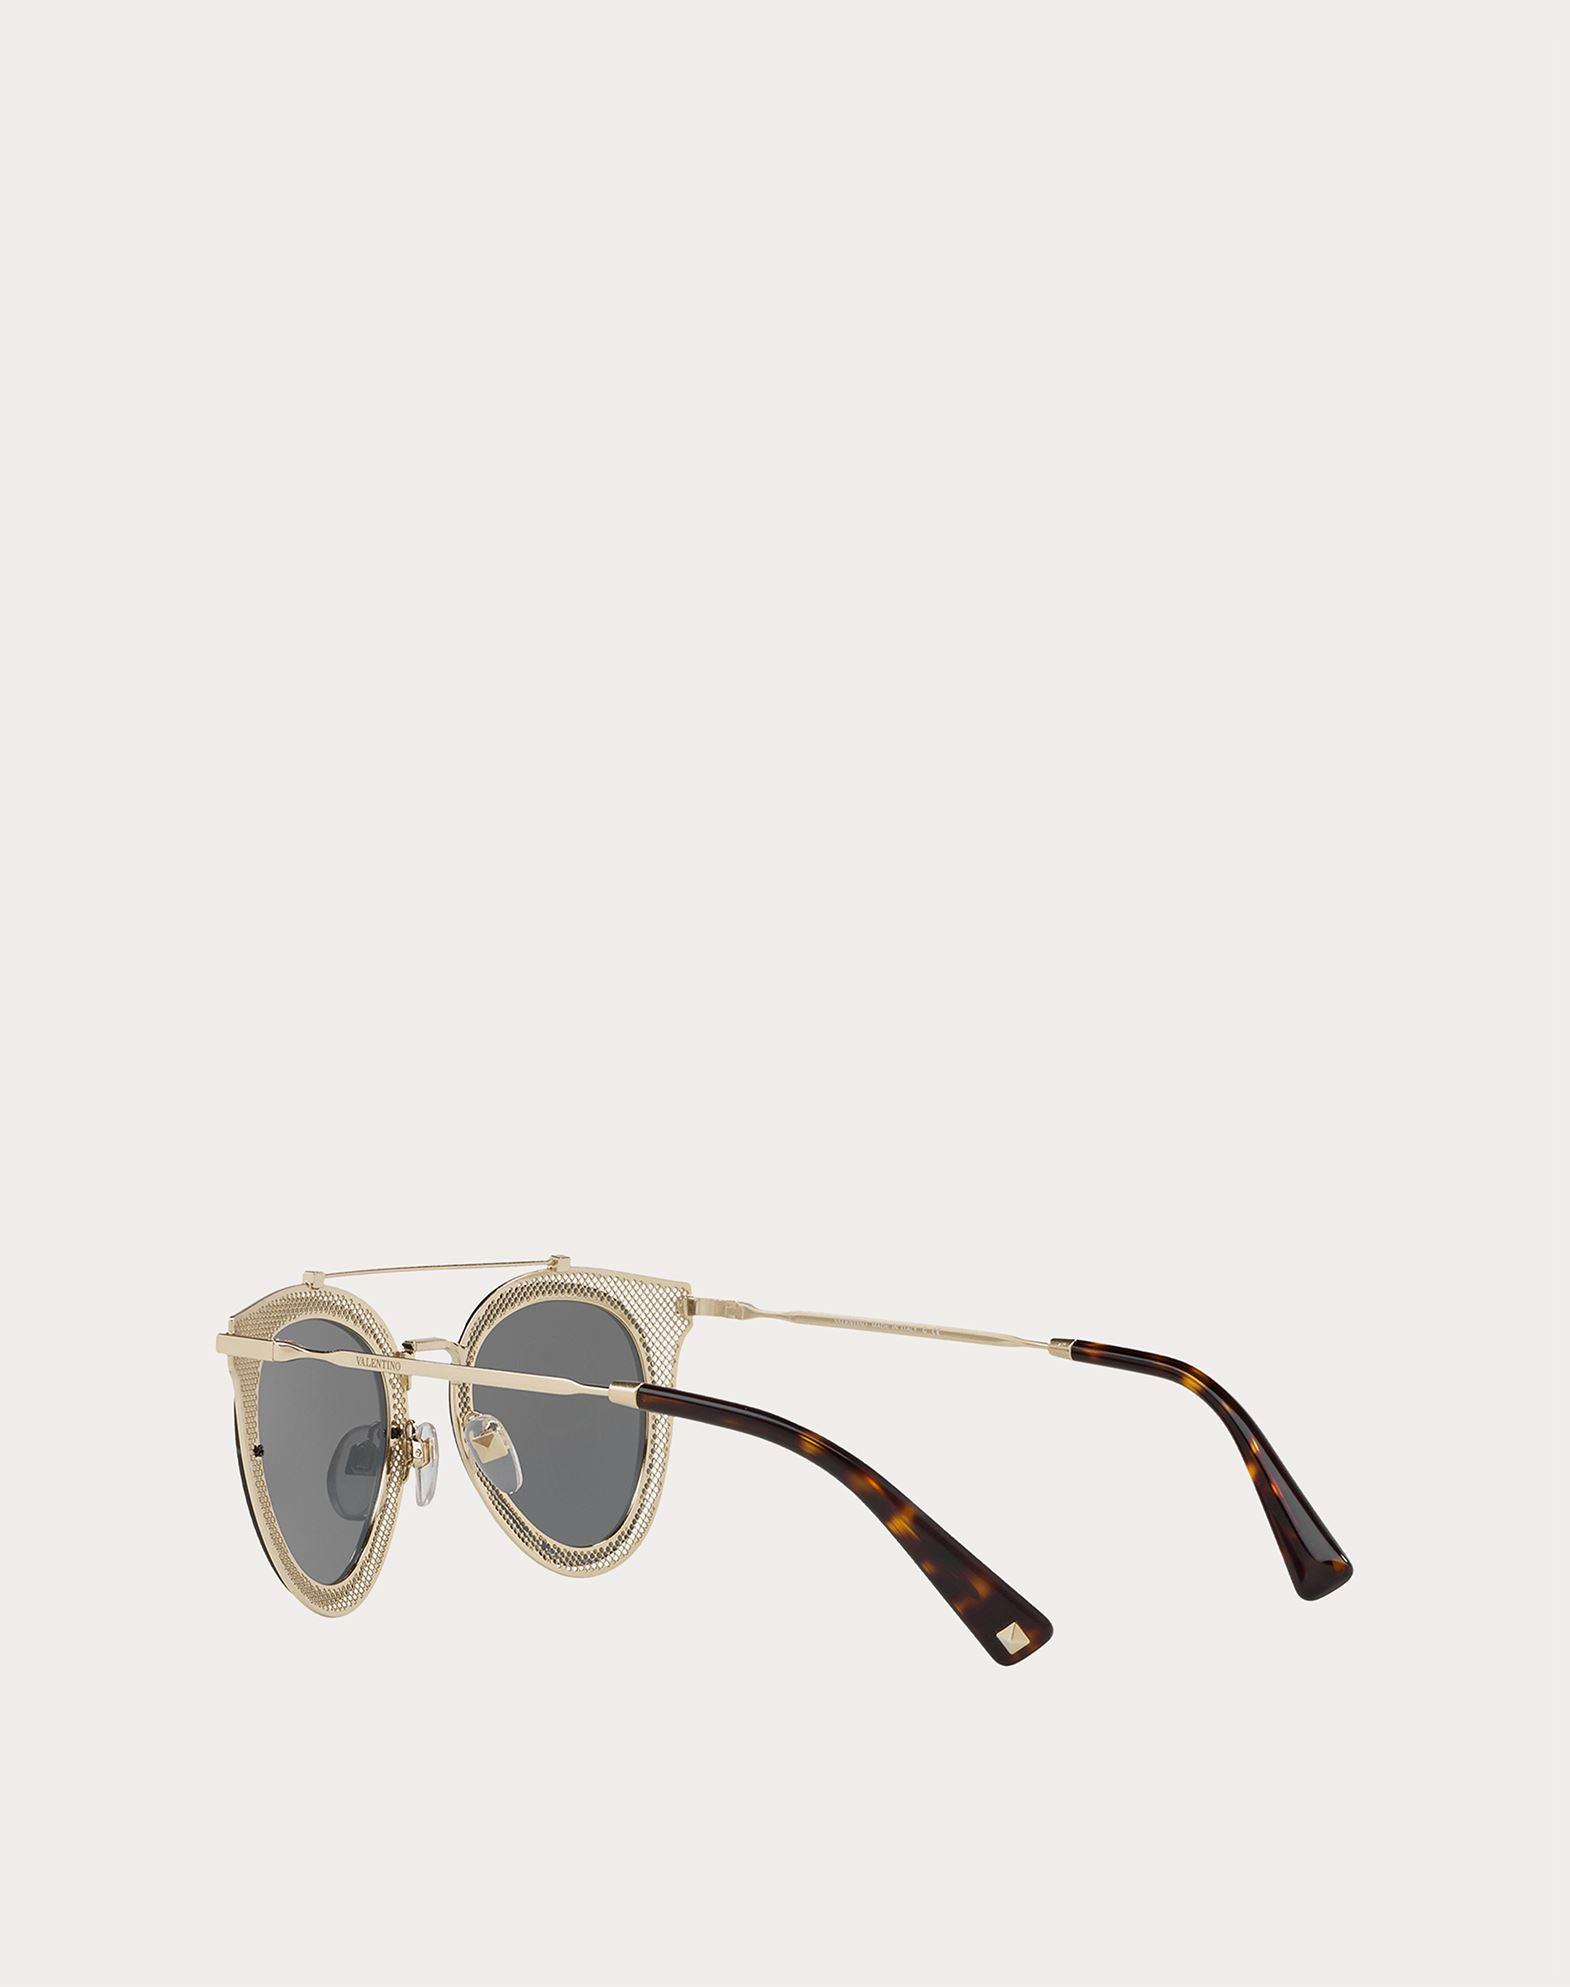 VALENTINO OCCHIALI Gafas de sol de metal Gafas de sol E e